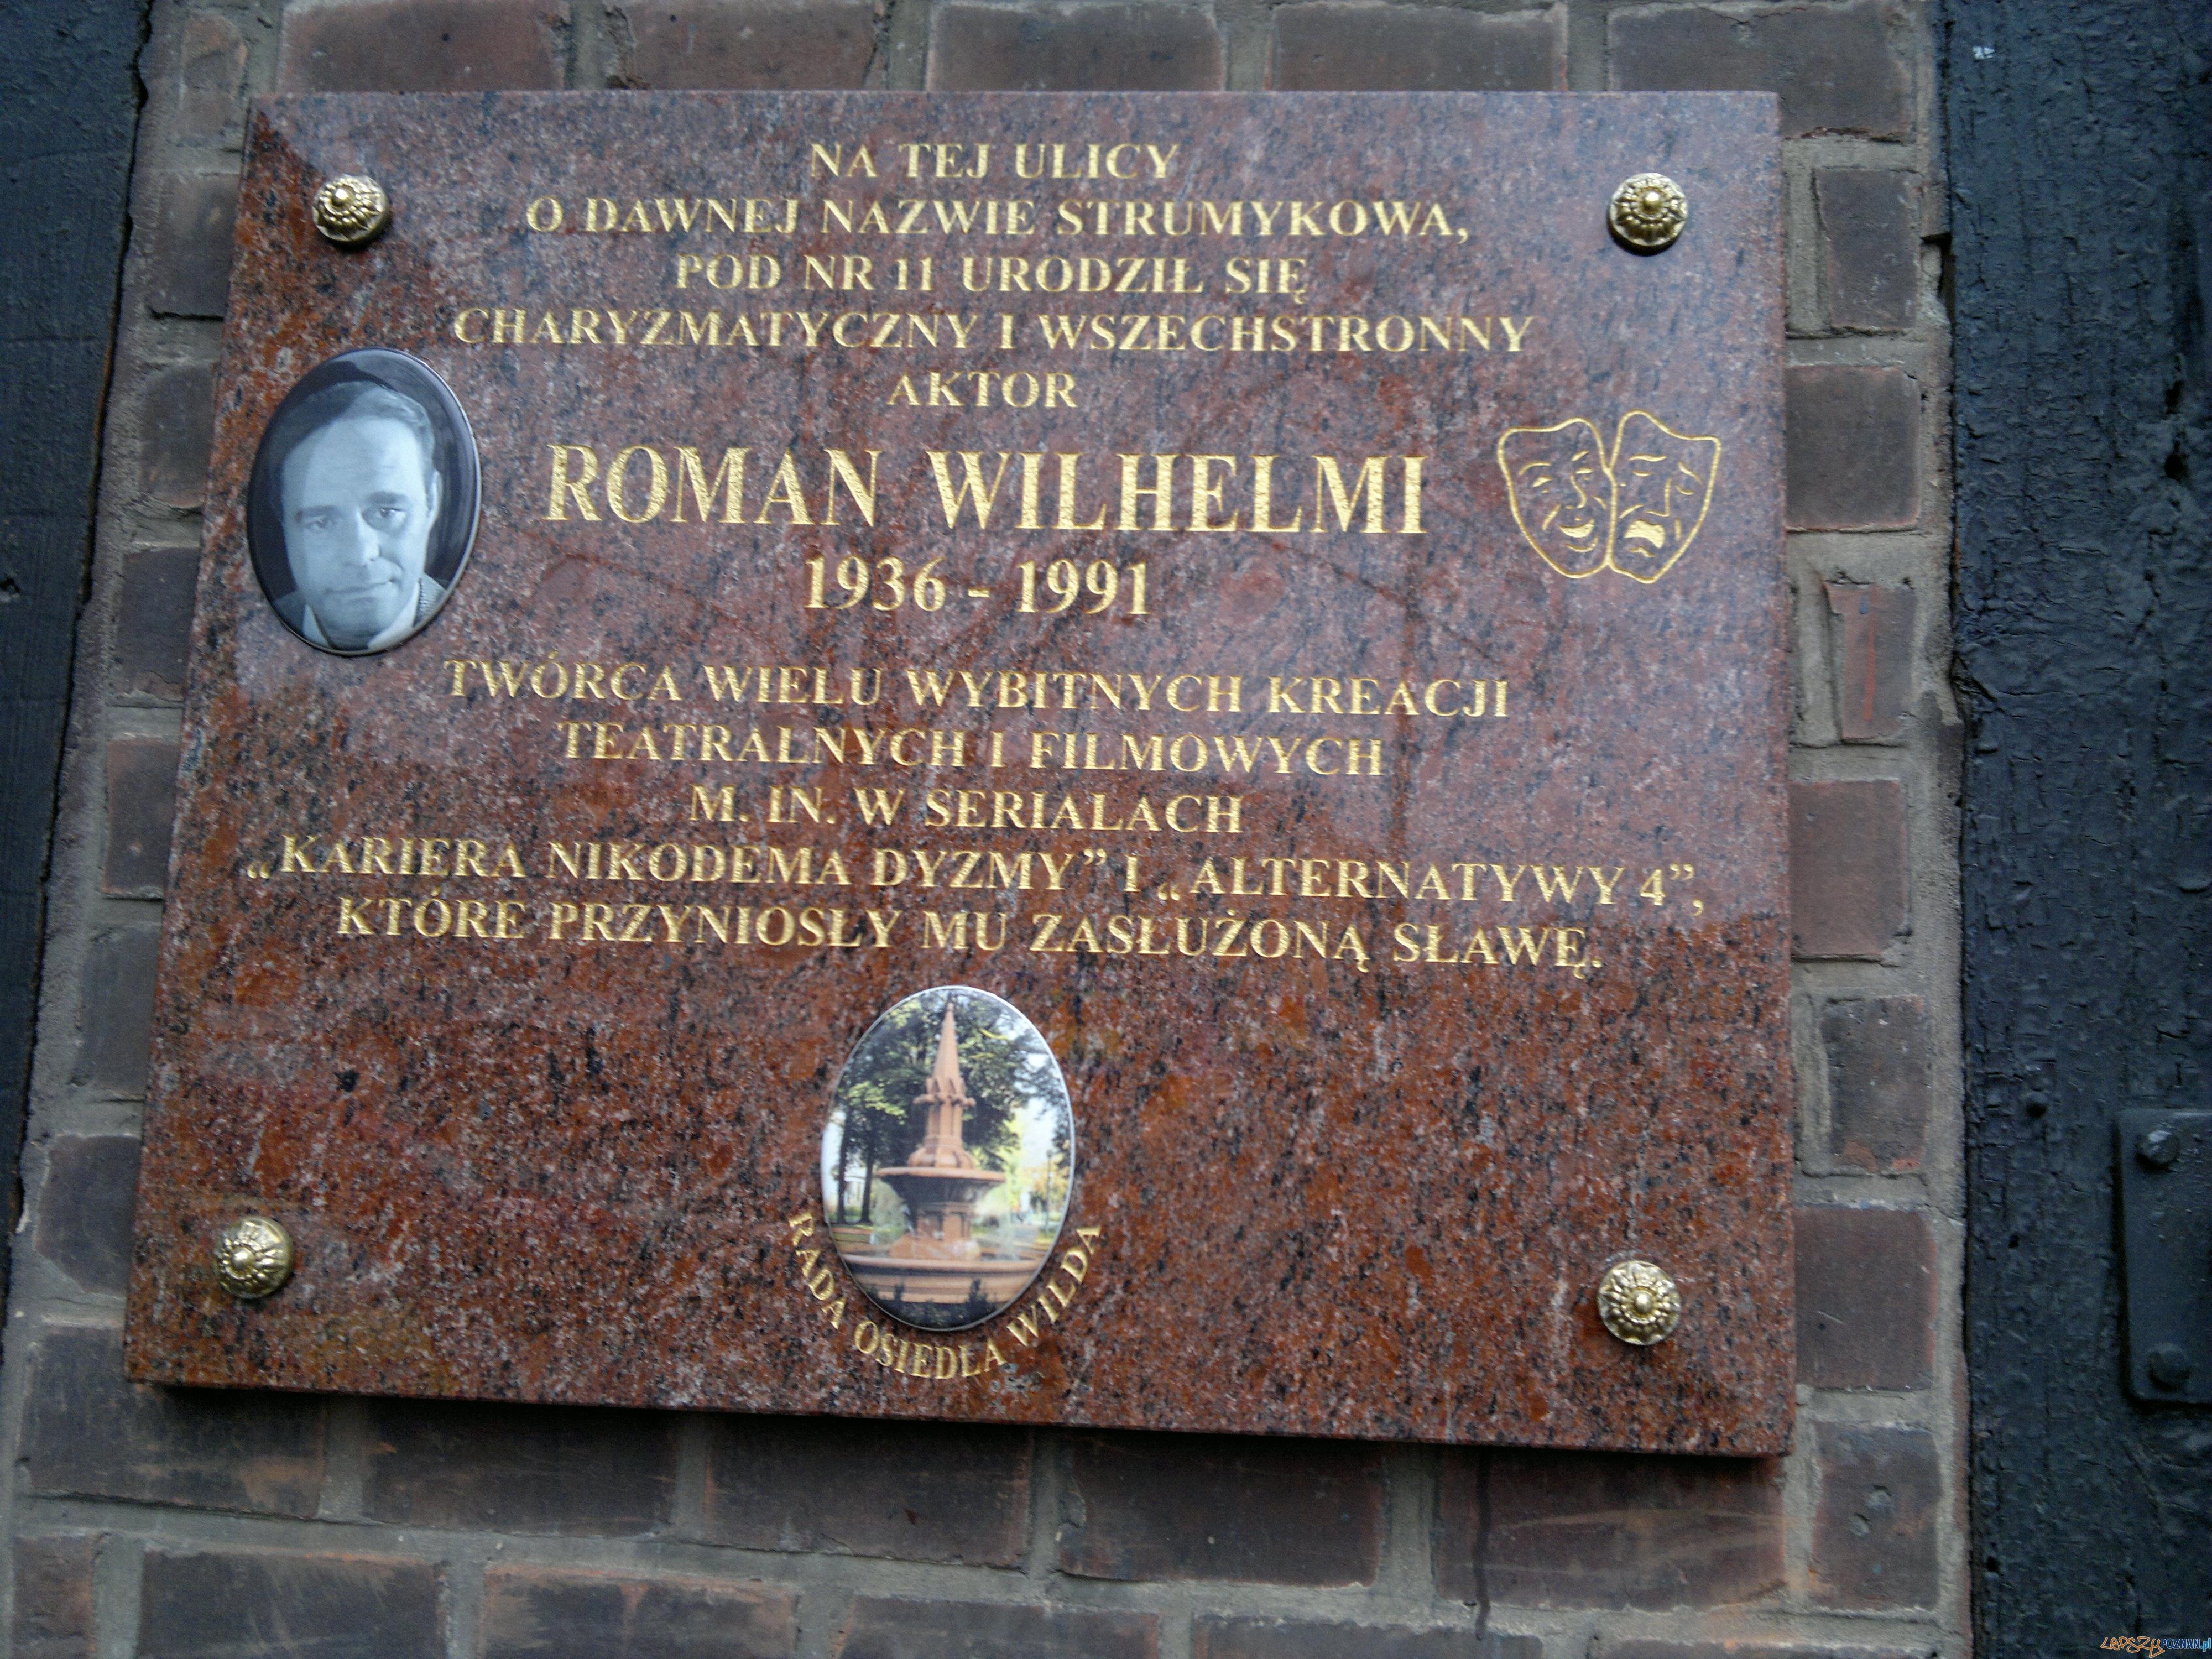 Tablica pamiątkowa Romana Wilhelmiego na ulicy Sikorskiego, kiedyś Strumykowej